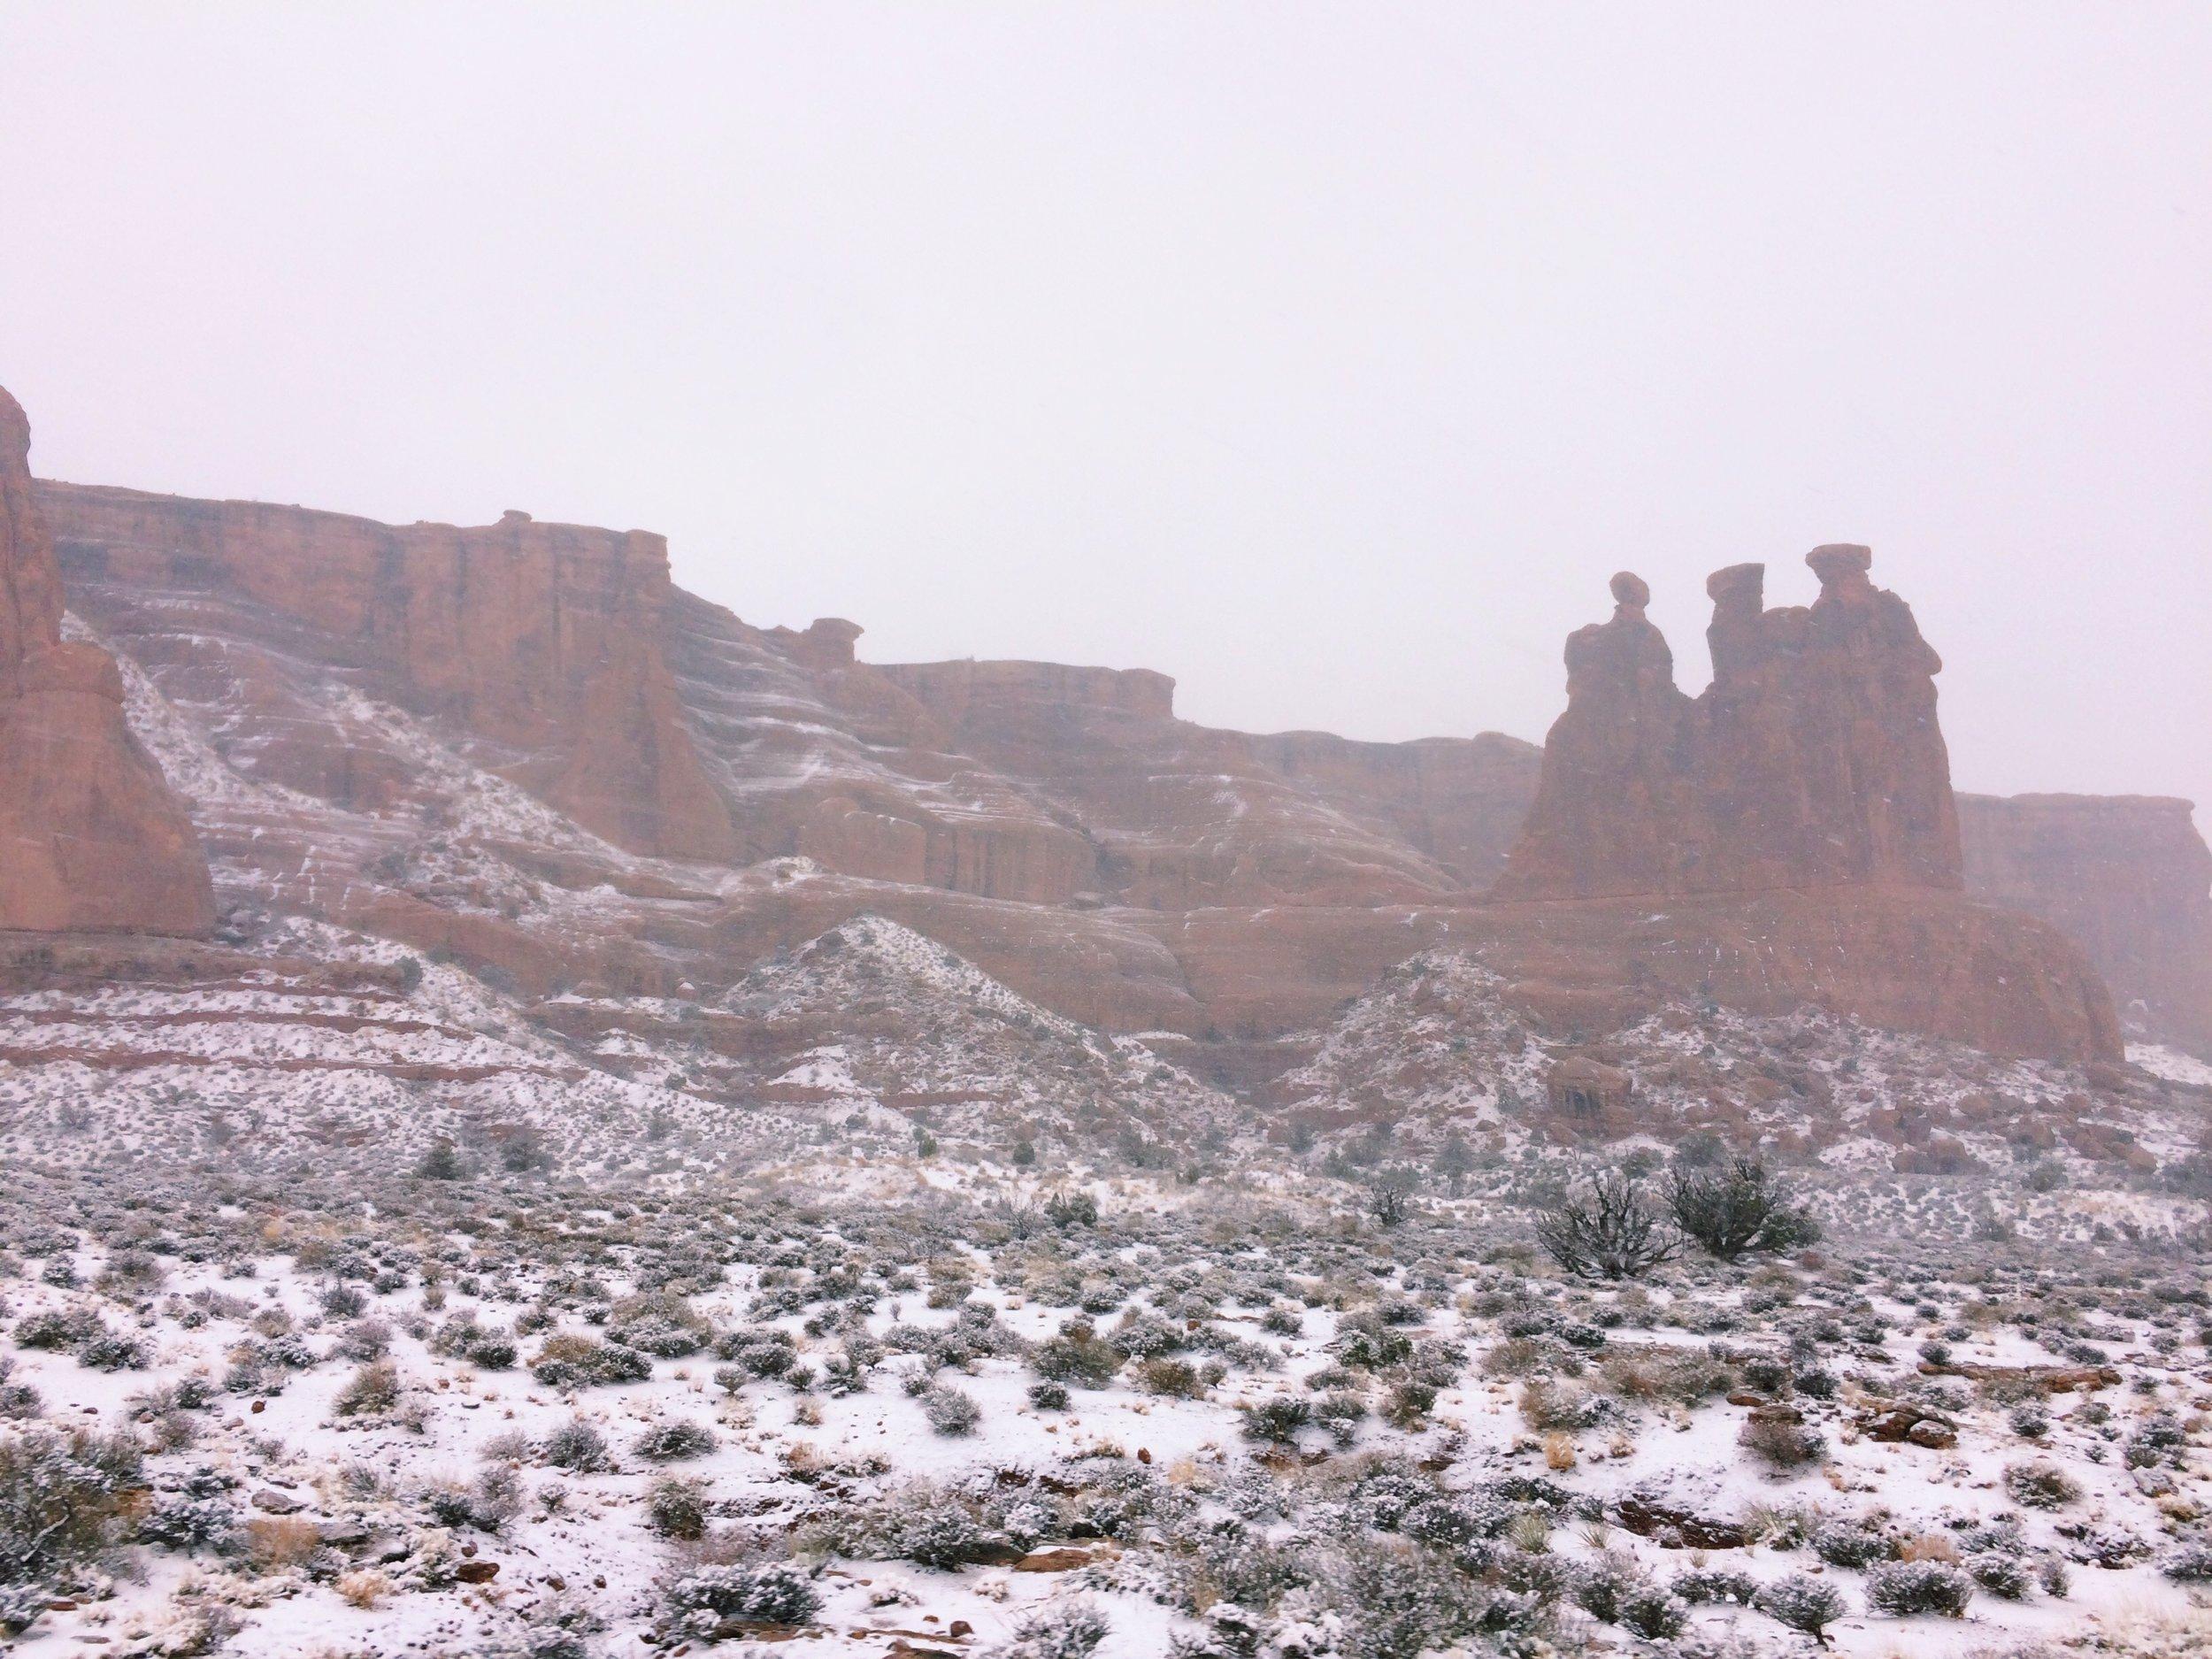 Snowey desert.